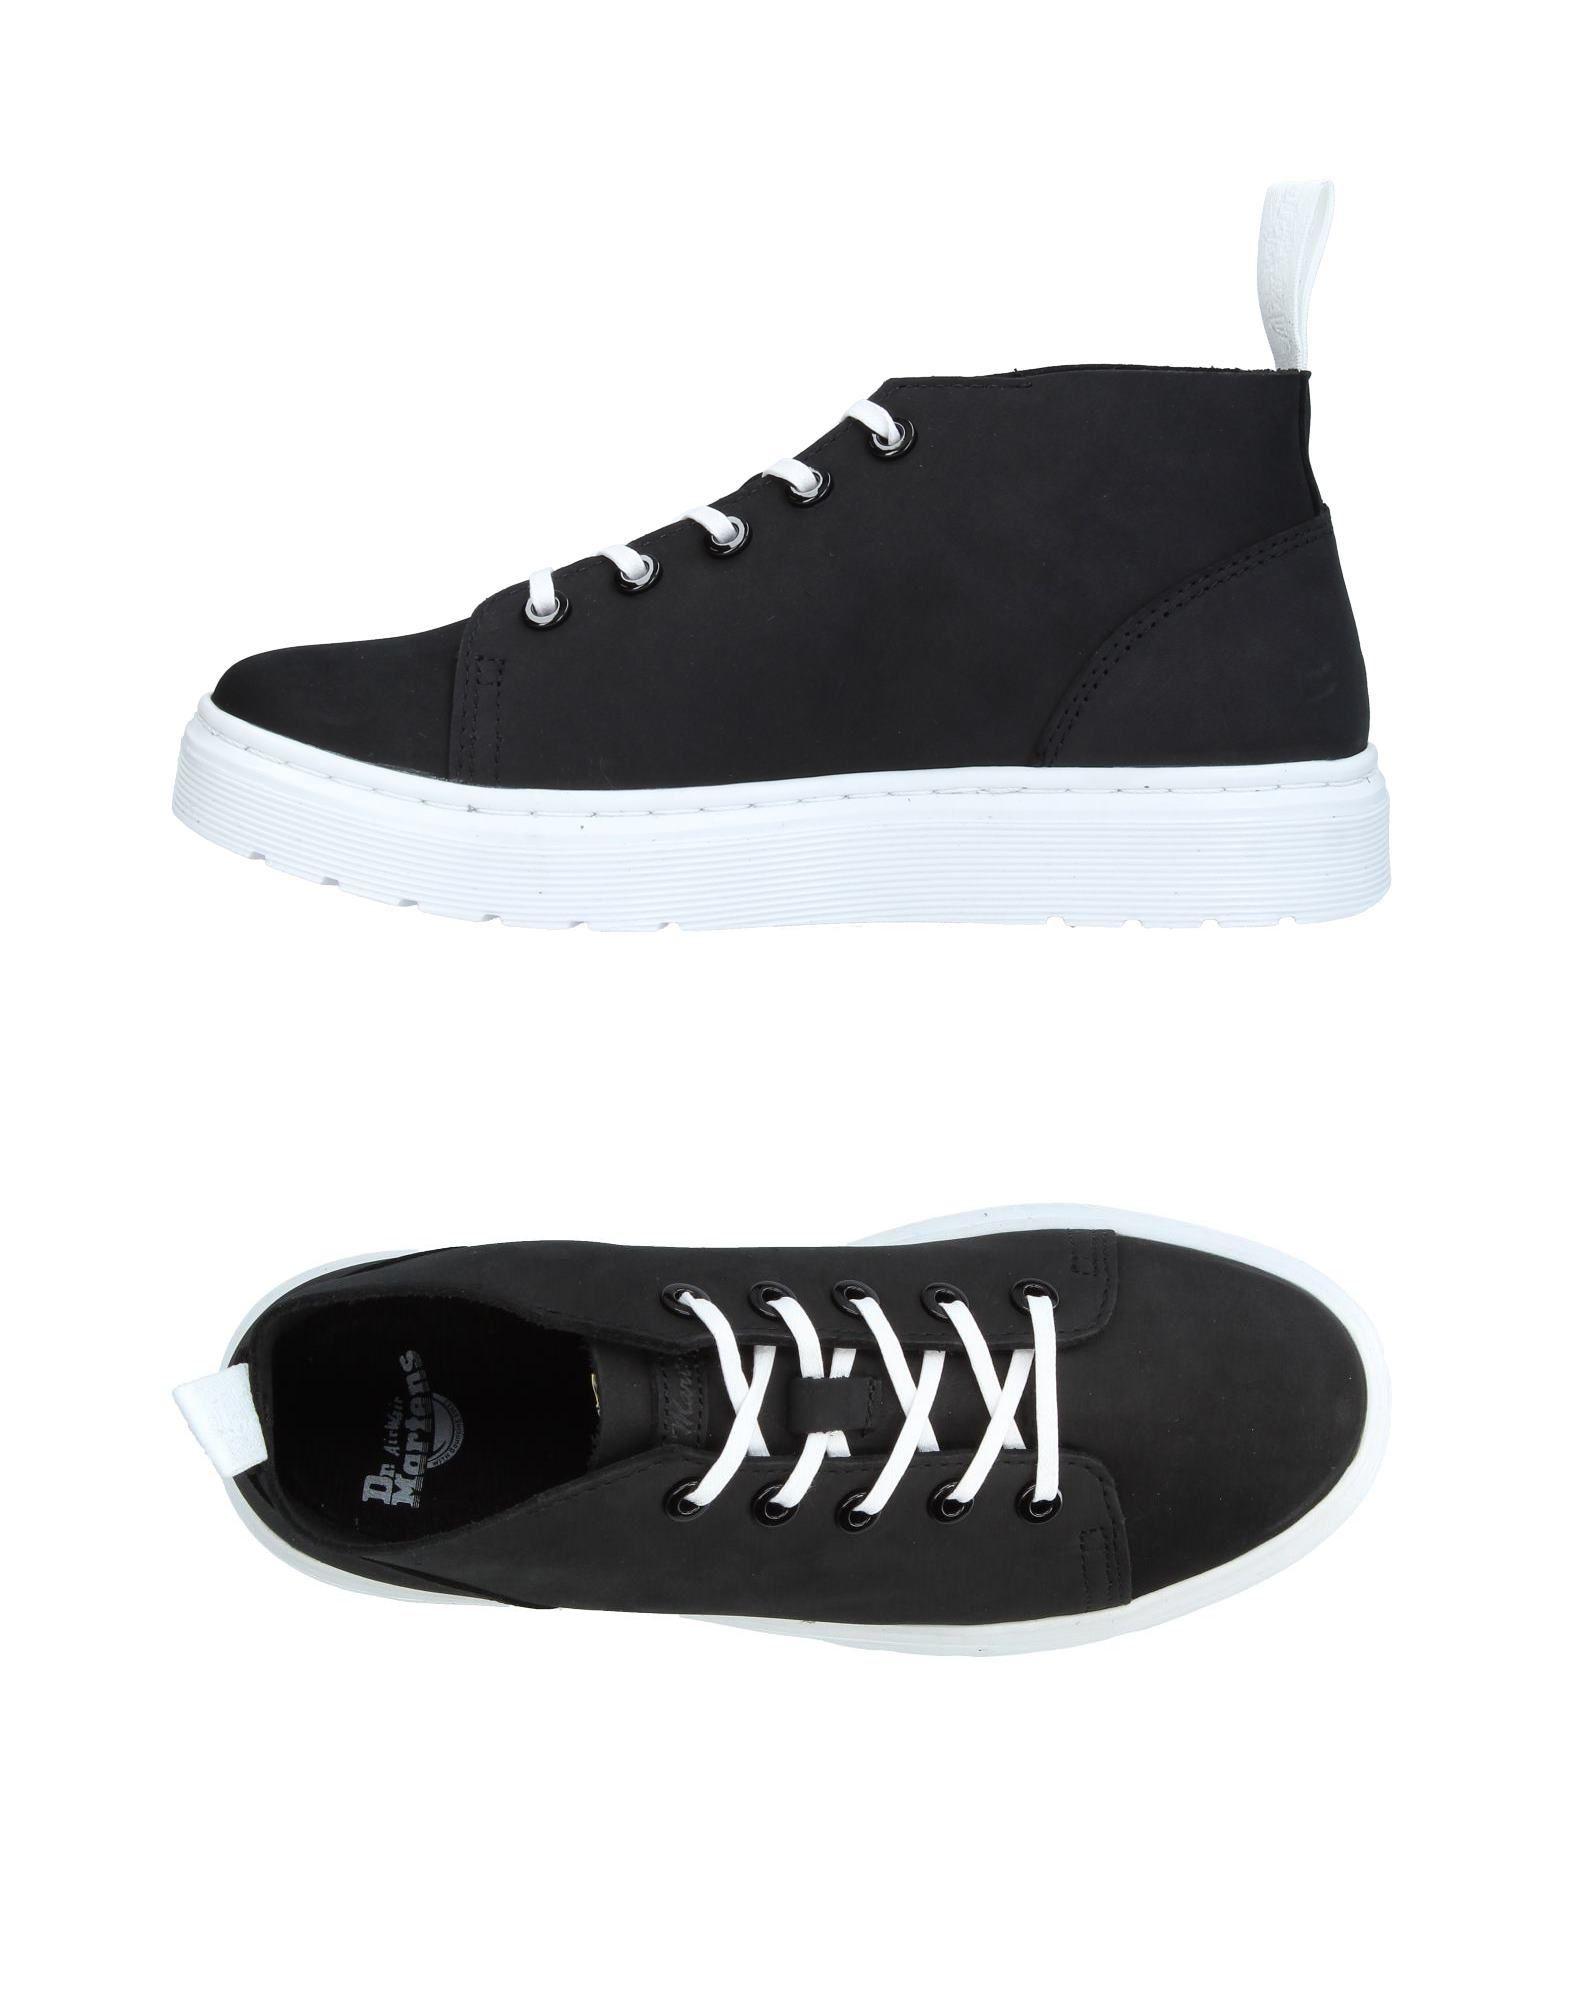 Dr. Martens Sneakers Damen  11342564MJ Gute Qualität beliebte Schuhe